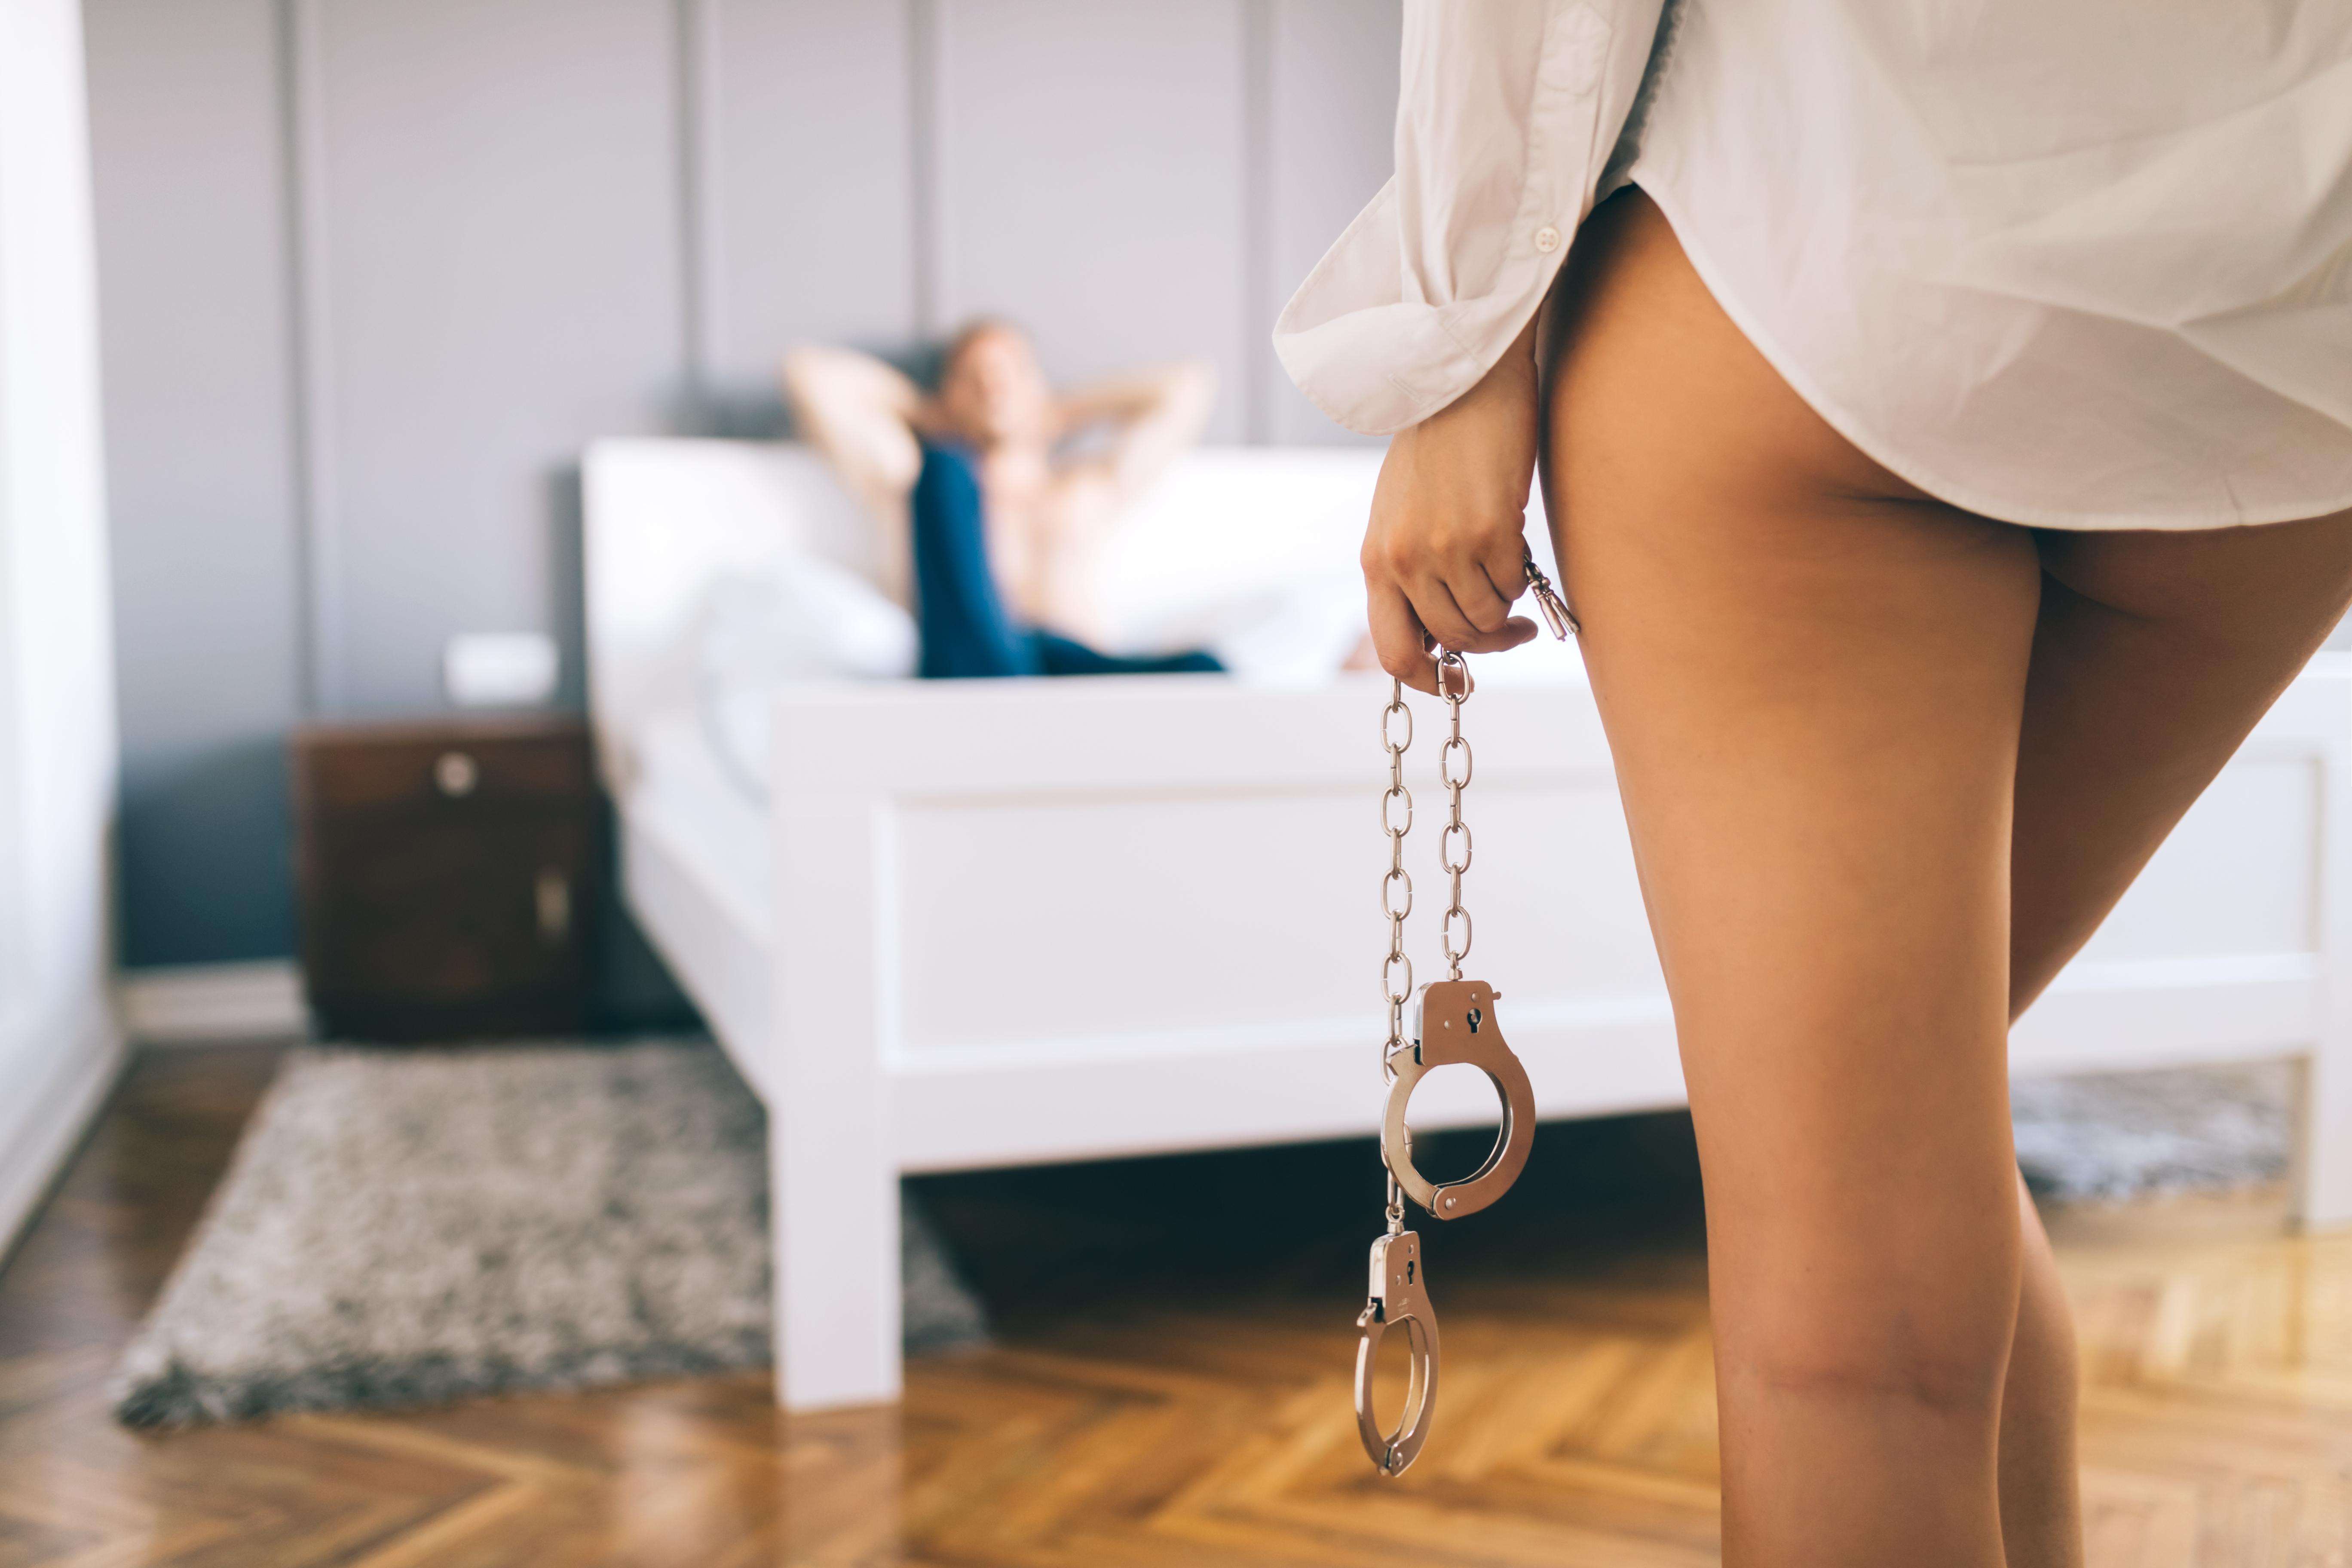 Jaký je nejlepší způsob, jak mít anální sex